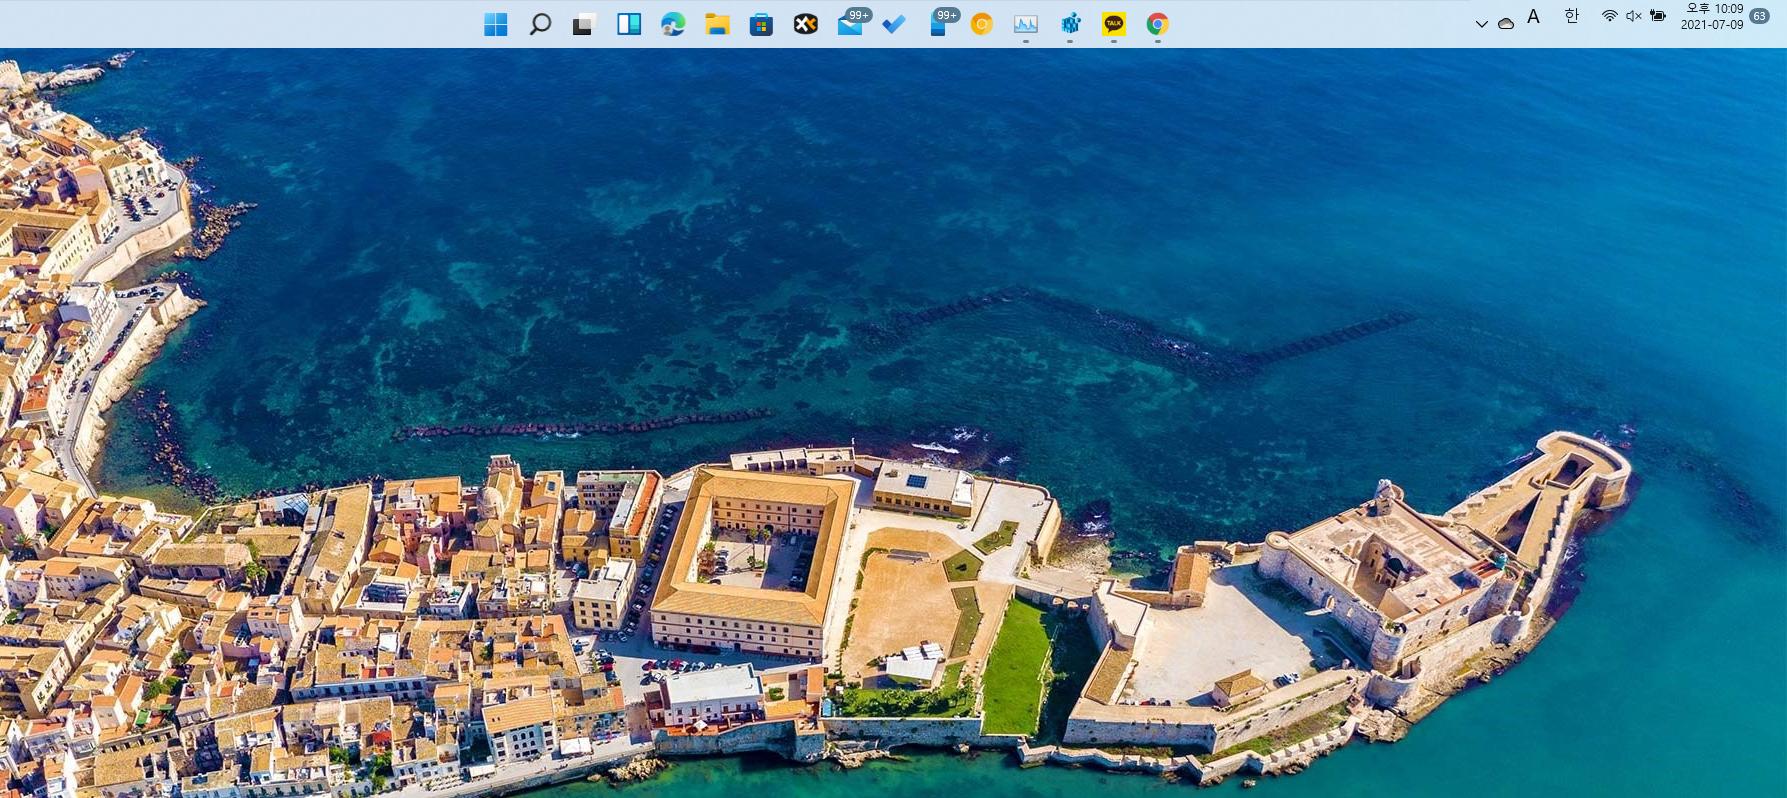 윈도우11 작업표시줄 상단으로 설정하기